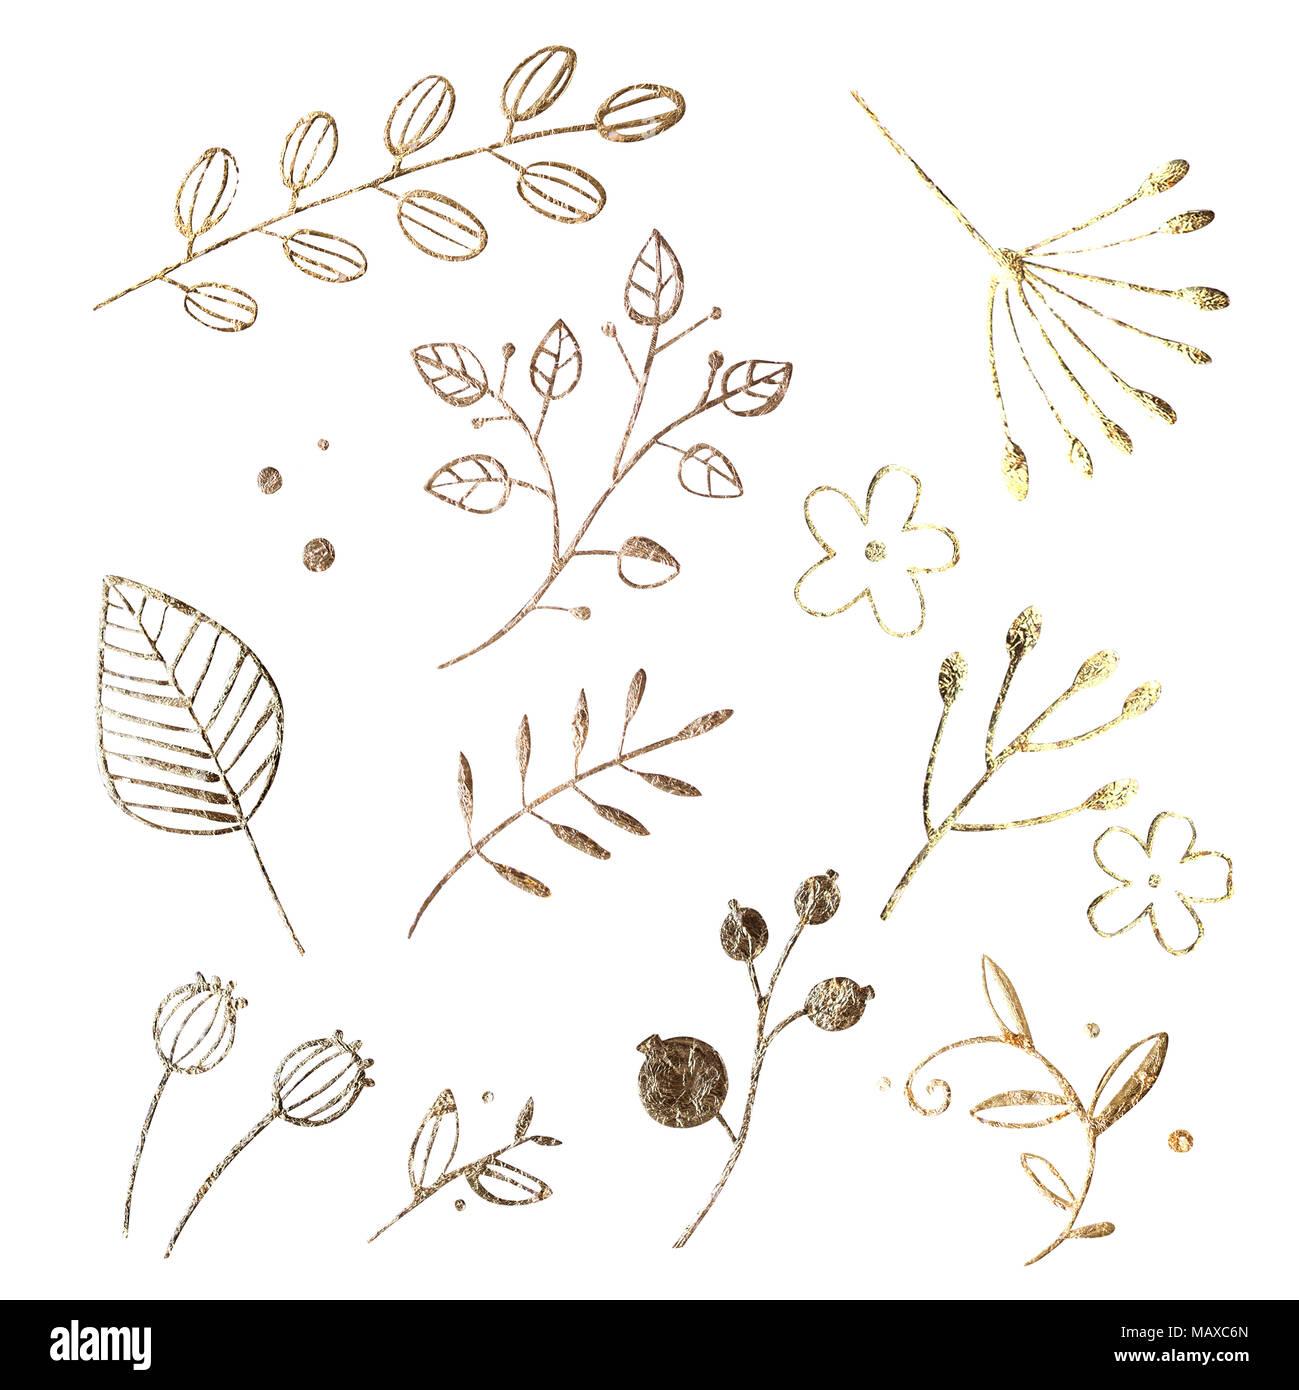 golden leaf design elements decoration elements for invitation